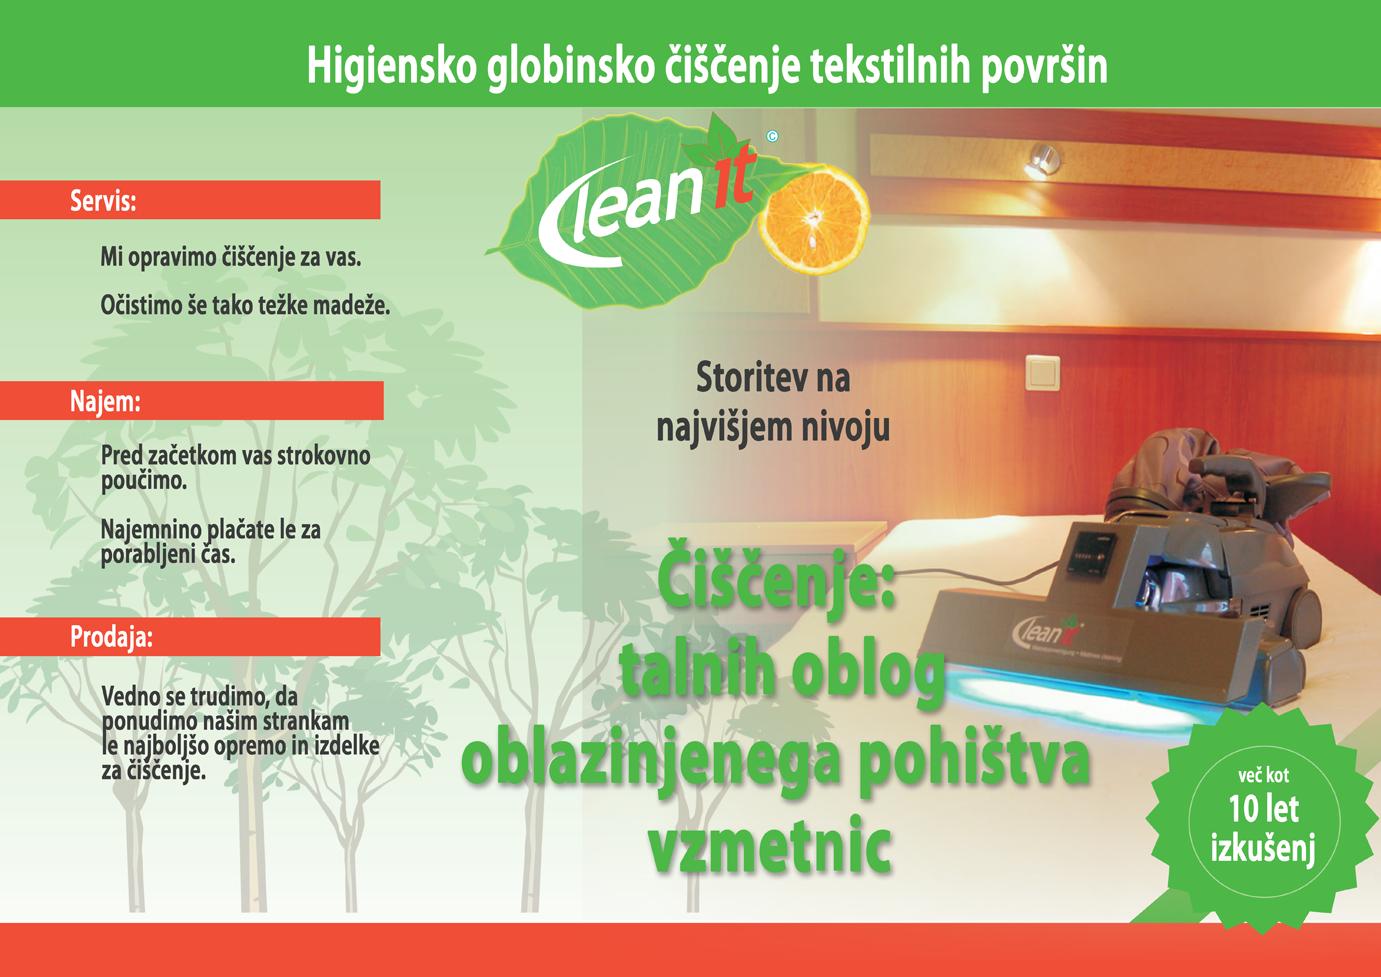 Najem naprav čiščenje vzmetnic čiščenje vzmetnice čiščenje tekstilne sedežne garniture čiščenje tekstila čiščenje tekstilnih oblog čiščenje tekstilnih talnih oblog globinsko čiščenje vzmetnic z uv globinsko čiščenje avtomobila  čiščenje tekstilnega usnja čiščenje preprog globinsko čiščenje preprog kemično čiščenje preprog  vzmetnice čistilni servis globinsko čiščenje avtomobila kemično čiščenje avtomobila preproge čiščenje sedežnih garnitur čiščenje sedežne garniture globinsko čiščenje vzmetnica čiščenje tepihov čiščenje tekstilnih talnih oblog globinsko čiščenje sedežna garnitura čiščenje kavča čiščenje sedežne garniture čiščenje oblazinjen ih stolov čiščenje oblazinjenega pohištva tekstilne talne obloge talne obloge čiščenje tekstilne sedežne garniture čiščenje tepisona čiščenje tepiha hotel hoteli zdravilišče sobe potema aktiva čiščenje na domu apartma apartman dalmacija apartma-zara